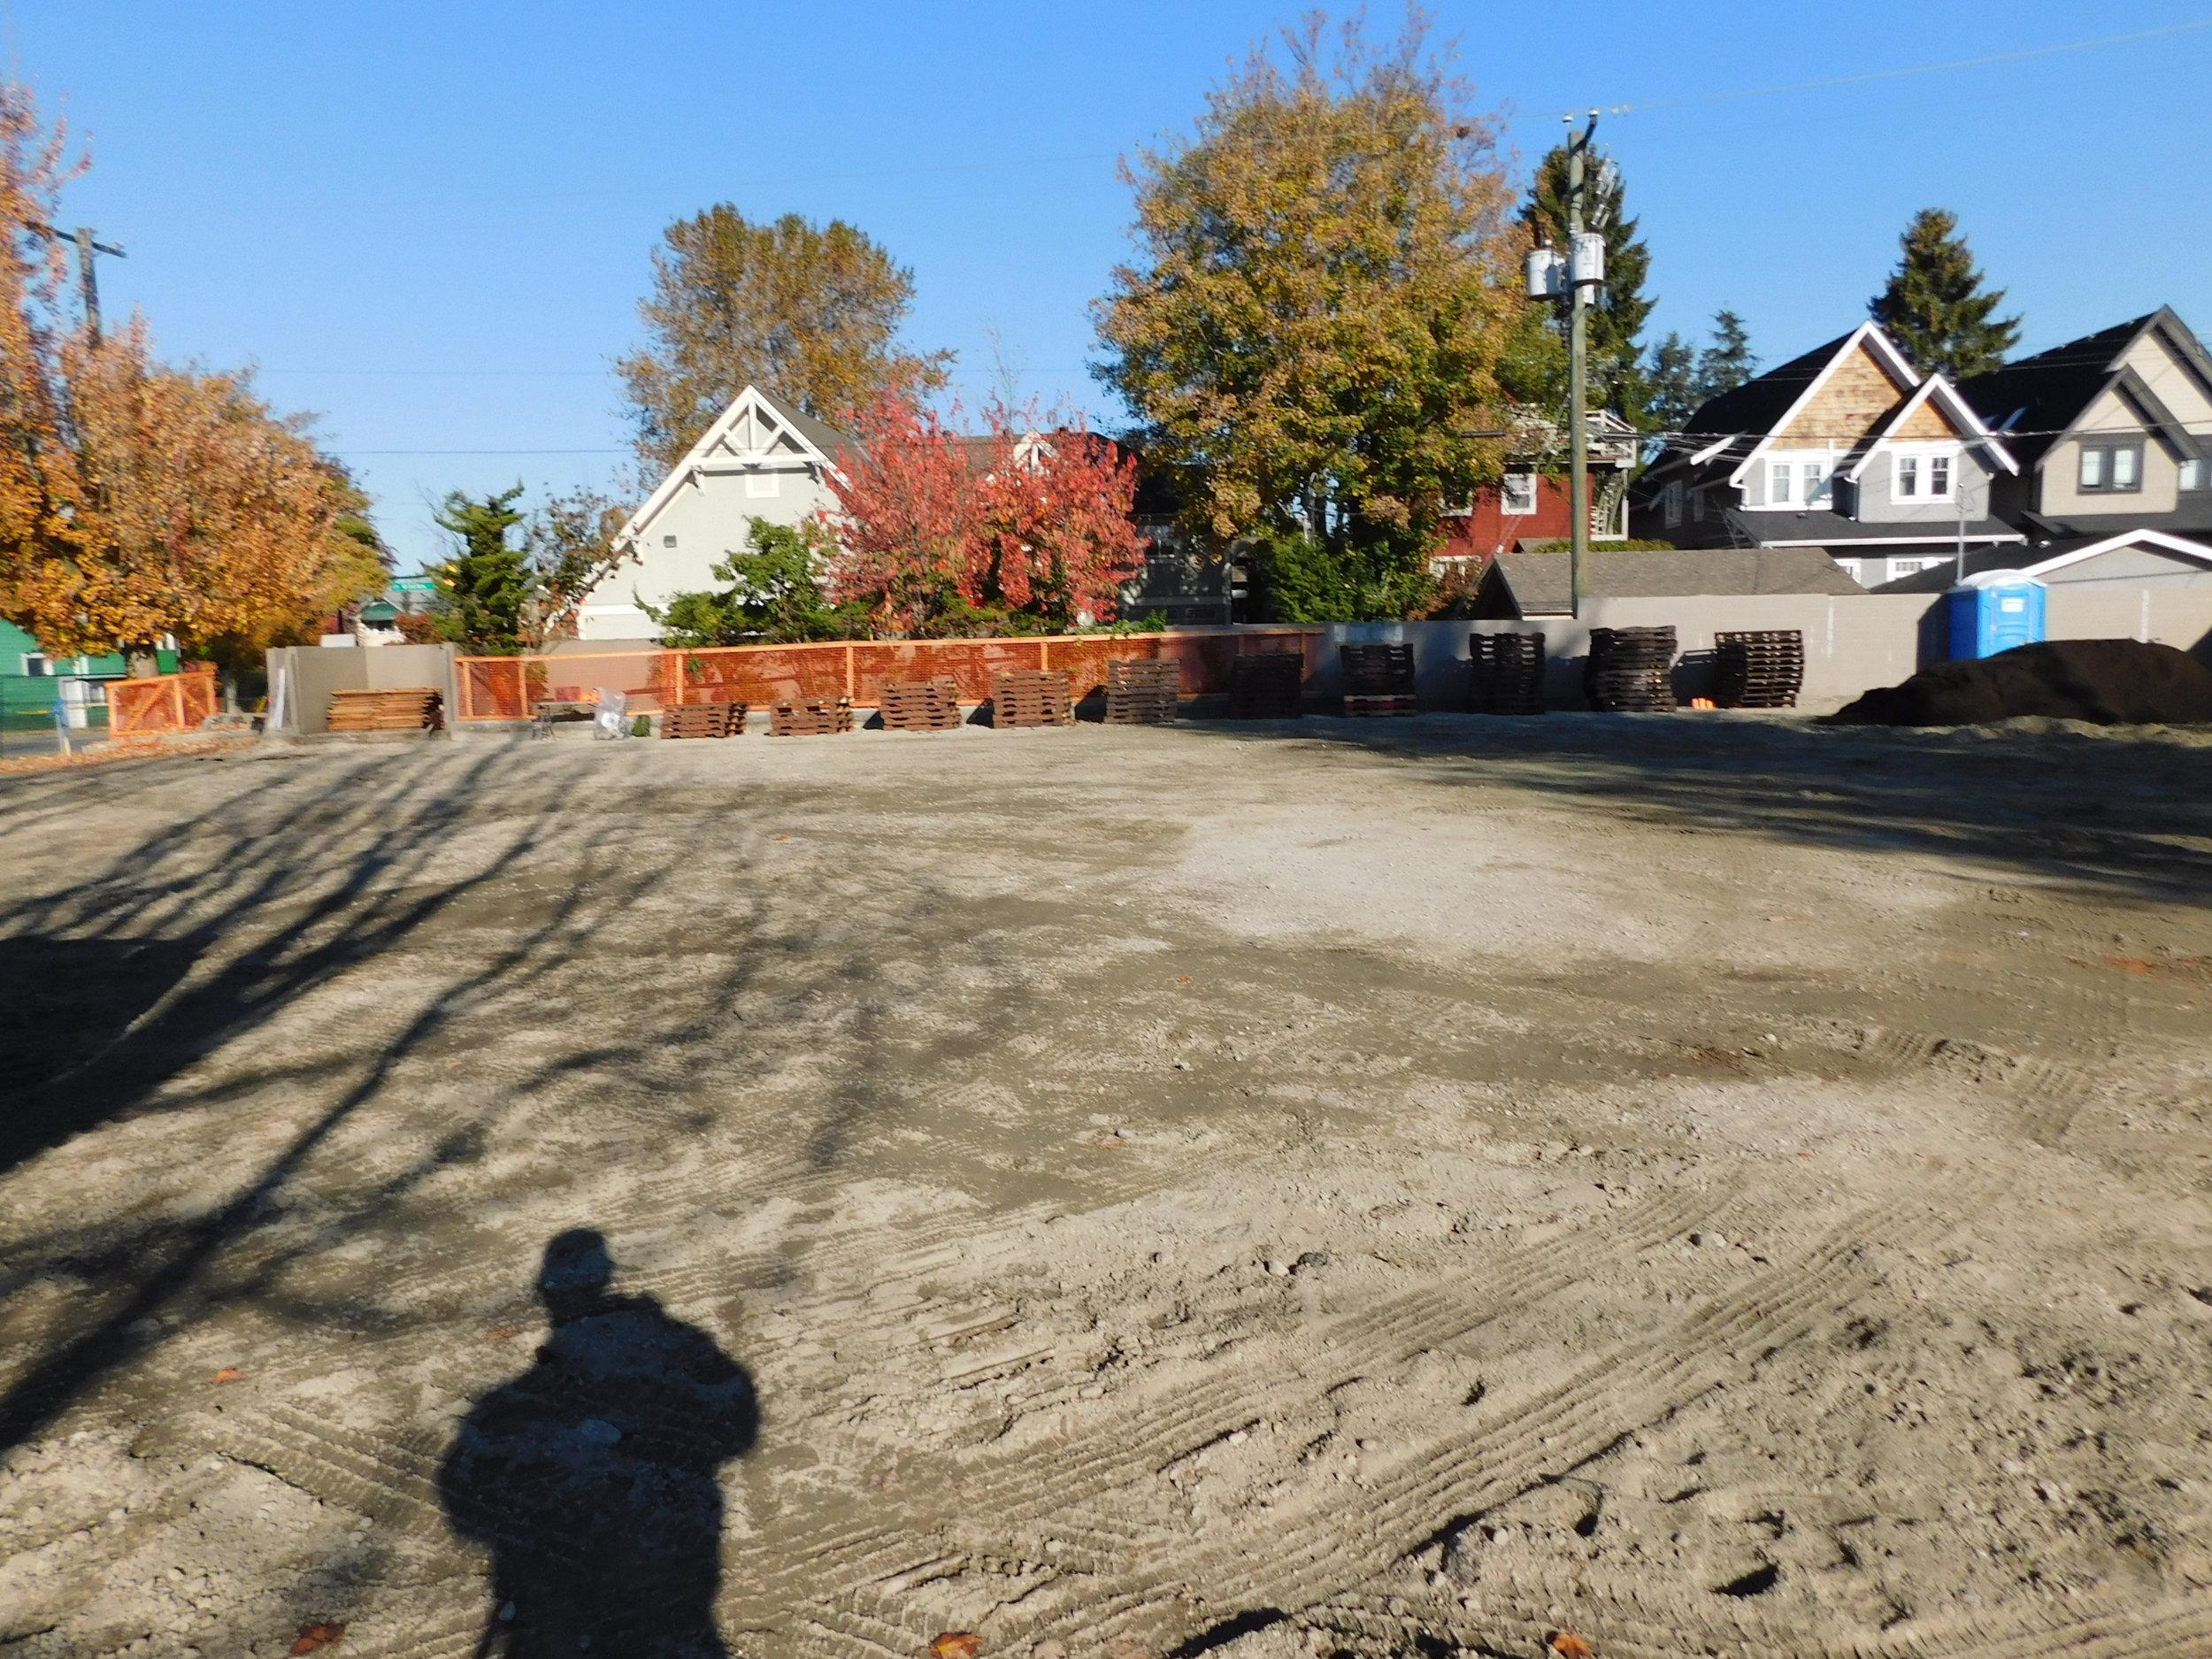 4th_Macdonald_Vancouver_Community_Garden_Builders-0003.JPG